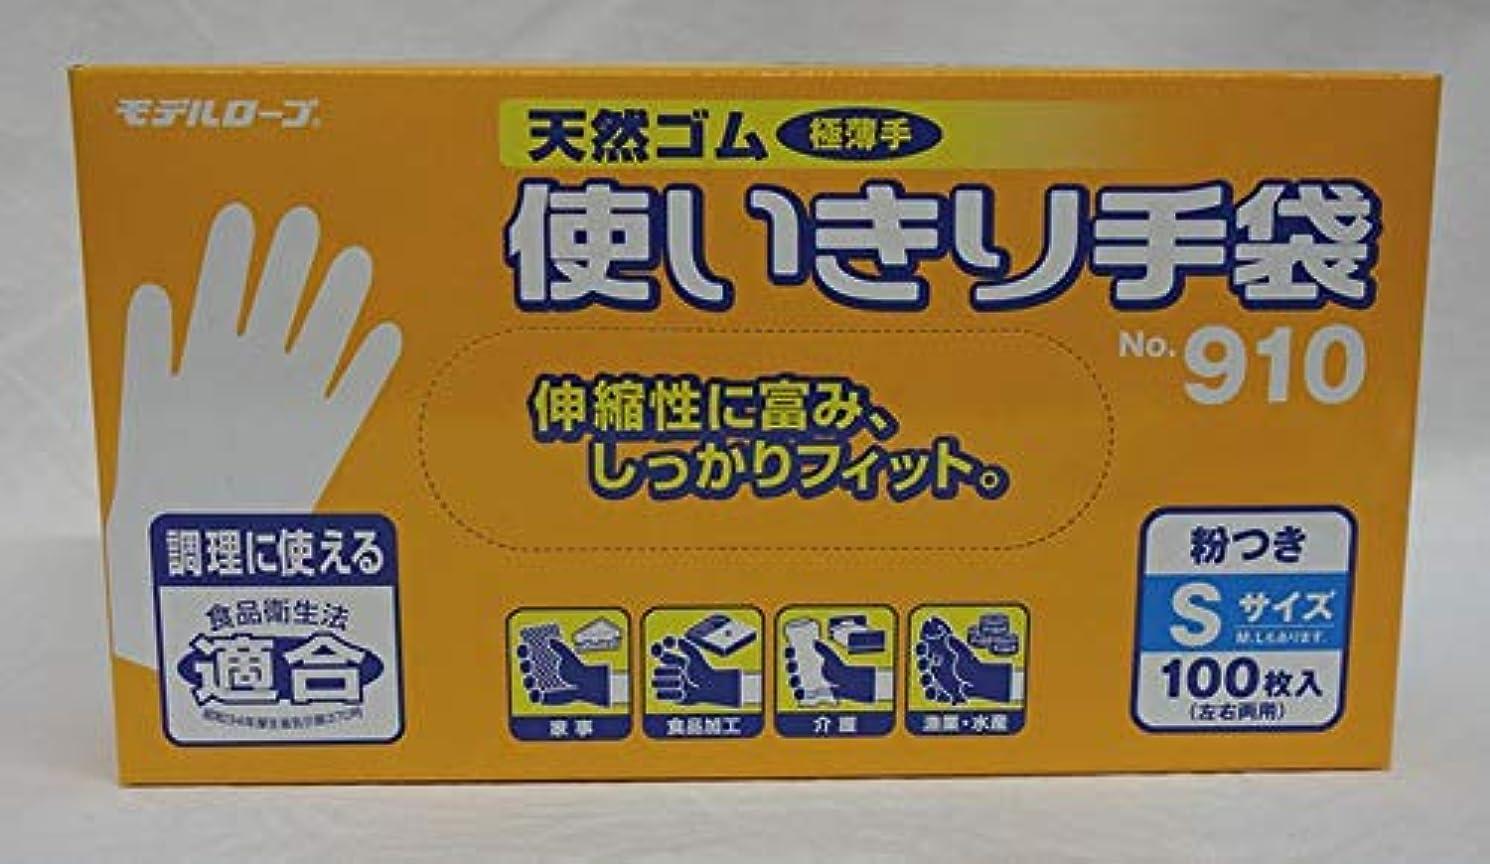 タイル生じるバスルームエステー ラバー ディスポ 手袋 No.910(100枚入)S